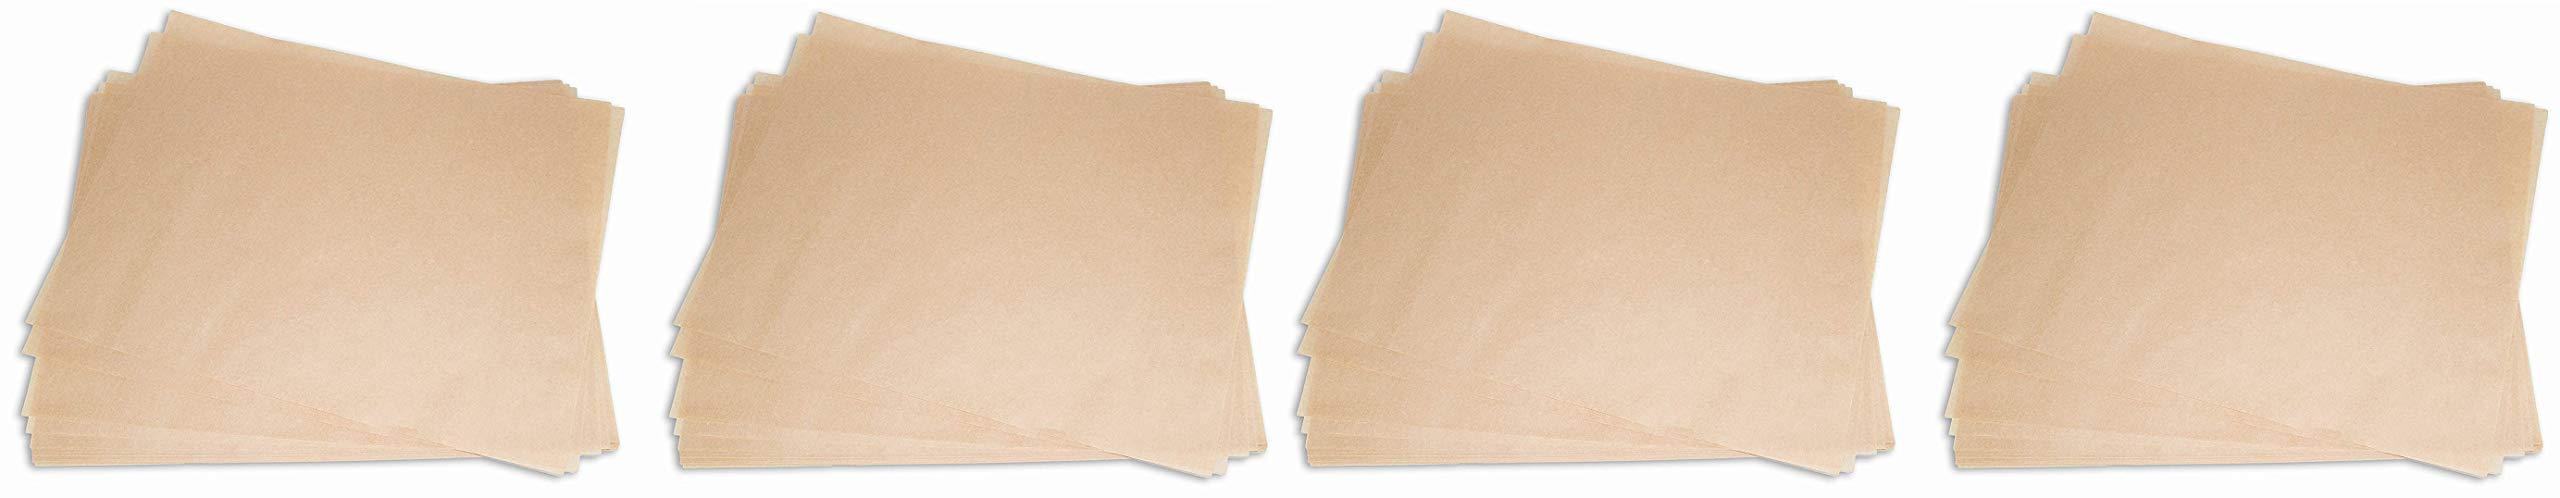 2dayShip Quilon Parchment Paper Baking Liner Sheets, Unbleached Brown, 12 X 16 Inches, 200 Count (Fоur Paсk)